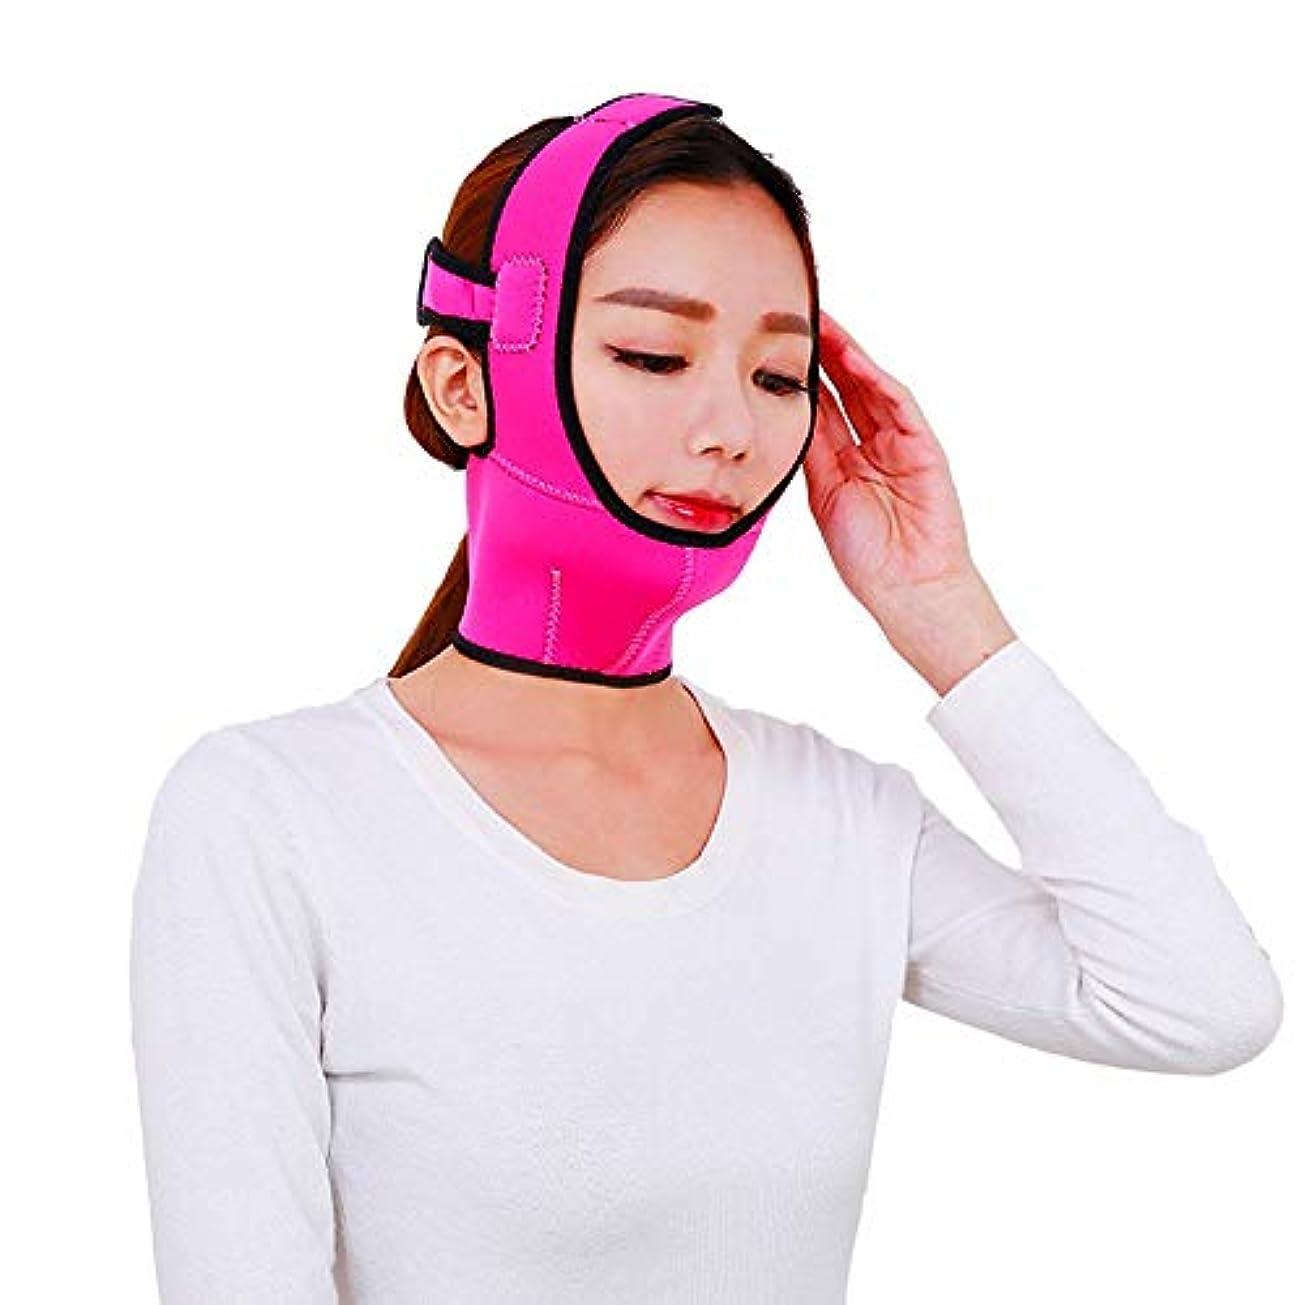 シャツリットルインストラクターフェイスリフトベルト 顔を持ち上げるベルト通気性の顔面リフティング包帯ダブルチン顔面リフティングマスクを締めるV顔面顔面リフレッシングツール